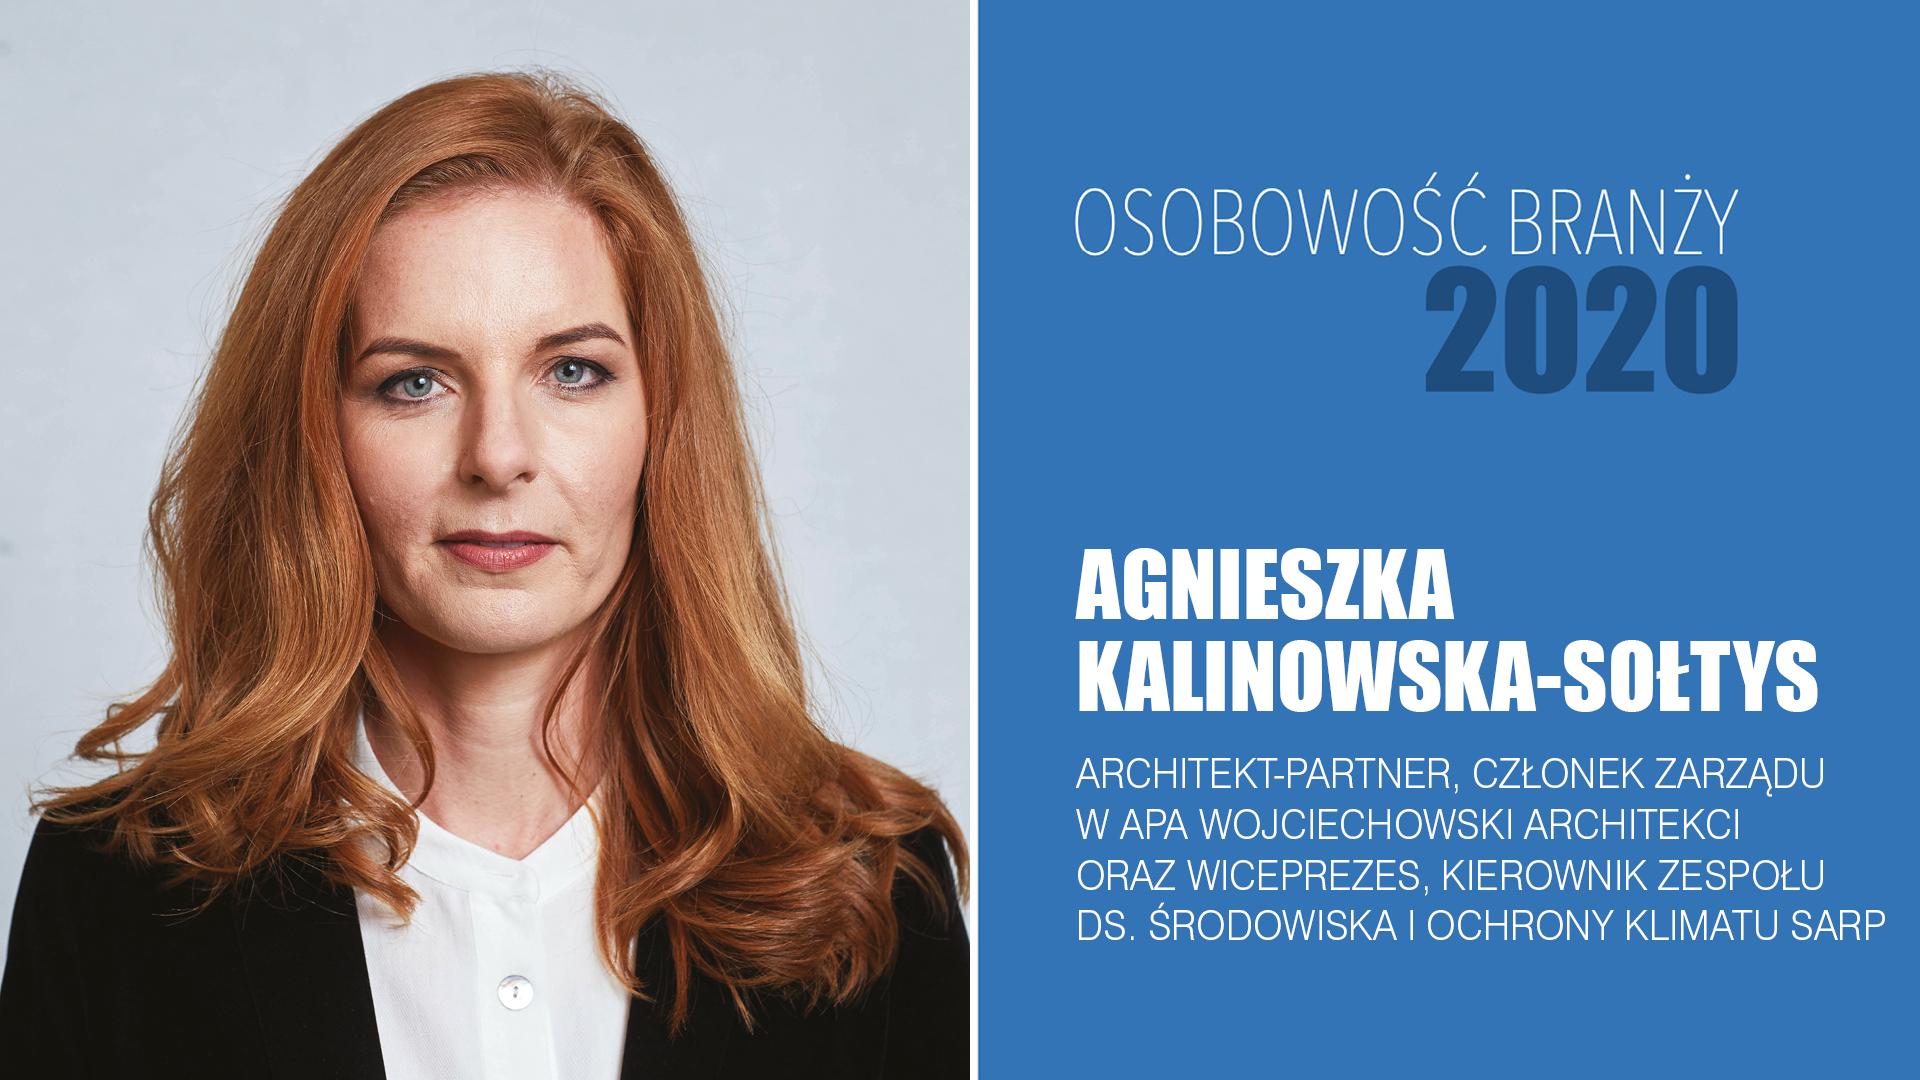 AGNIESZKA KALINOWSKA-SOŁTYS – Osobowość Branży 2020